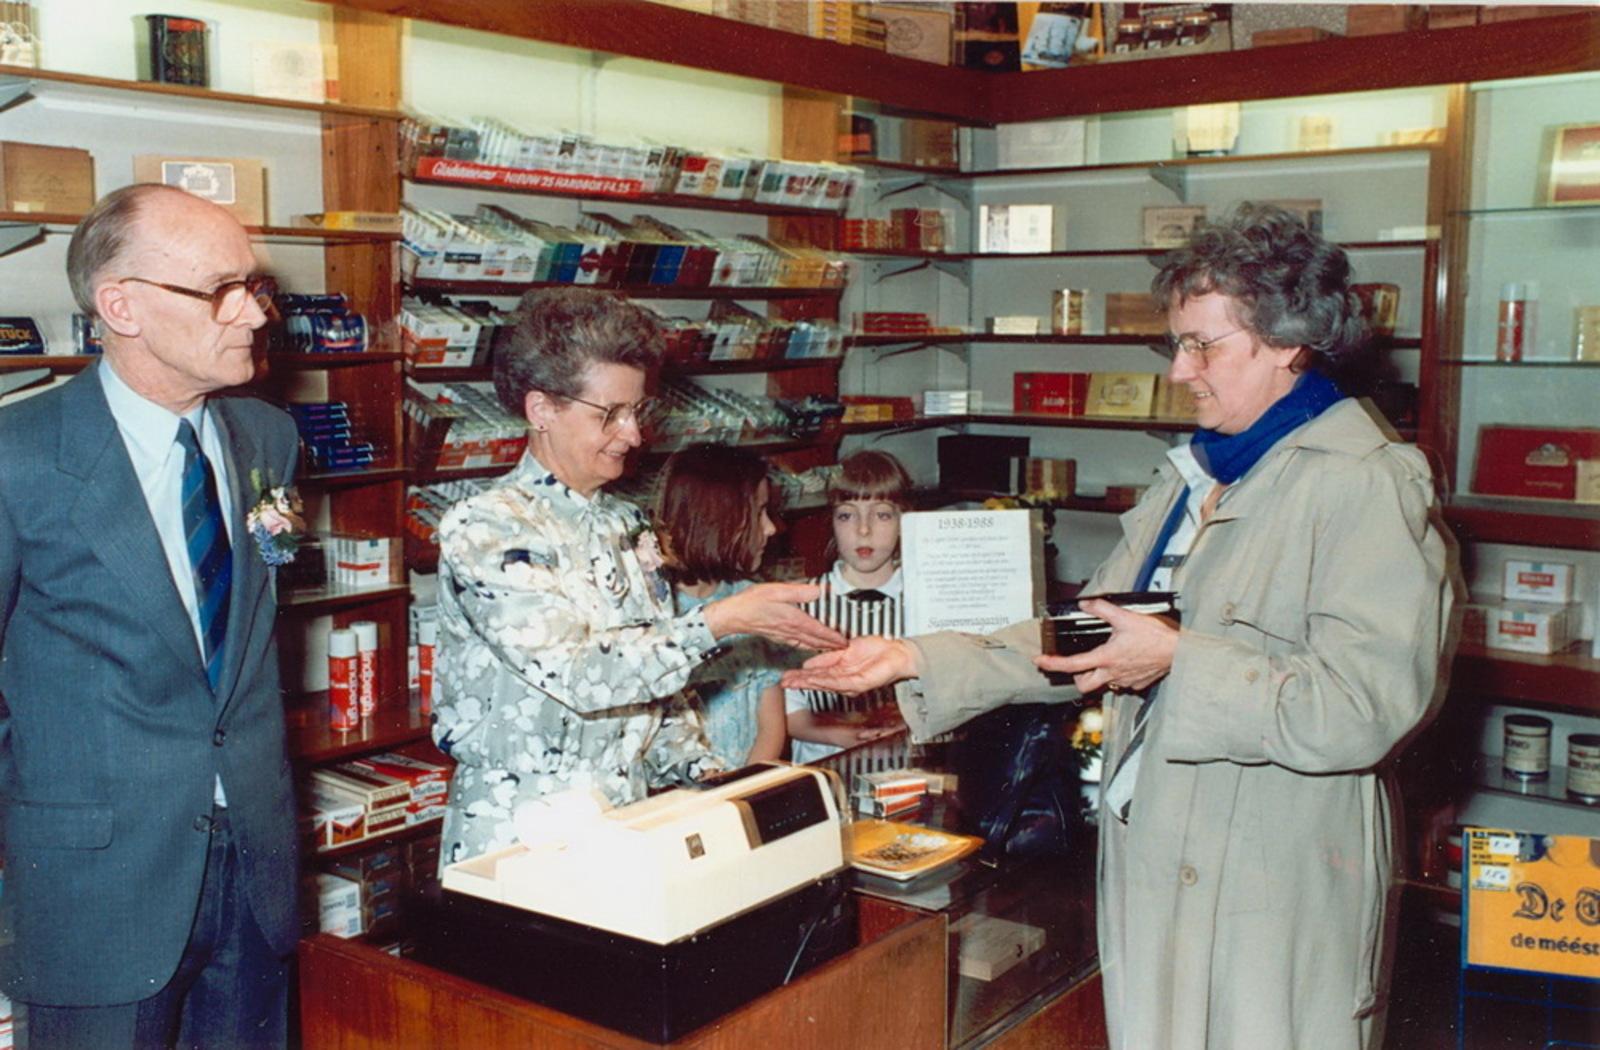 Marktlaan O 0022 1988 Sigarenboer Kraak 50jr Jub en Sluiting 11